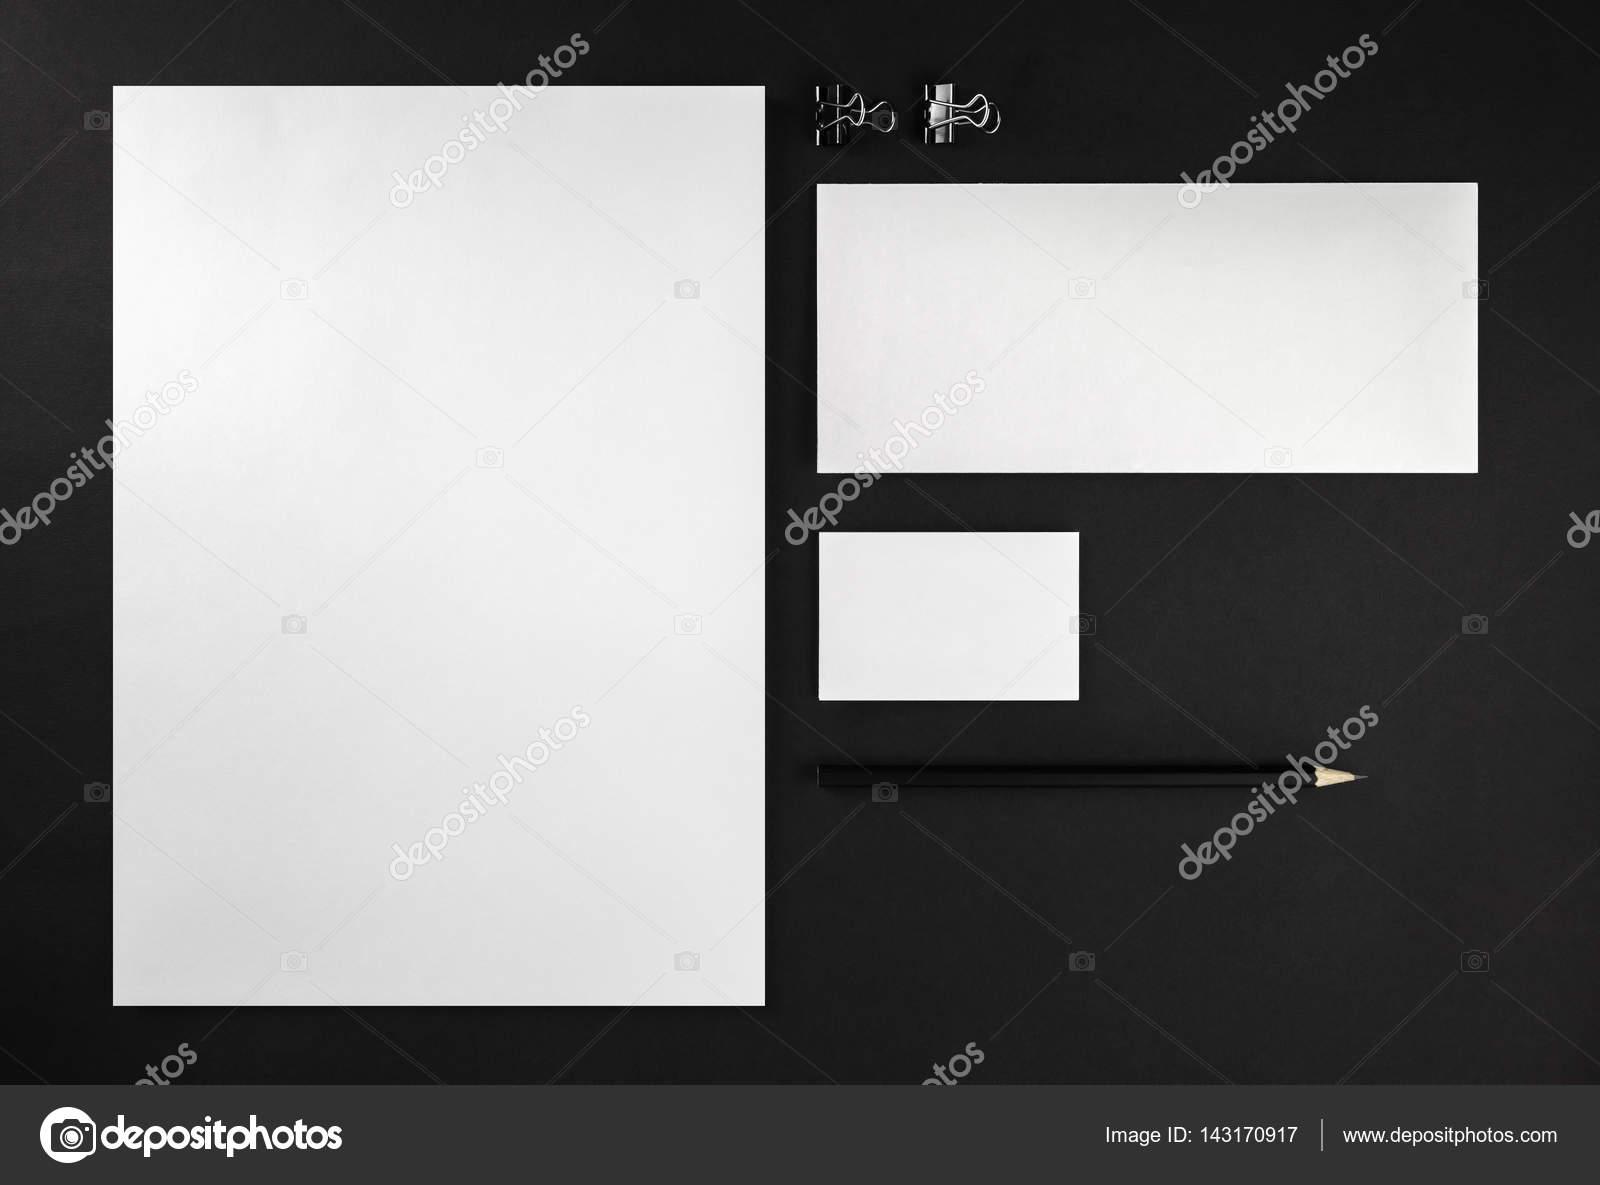 Maqueta para colocar tu diseño — Foto de stock © Veresovich #143170917